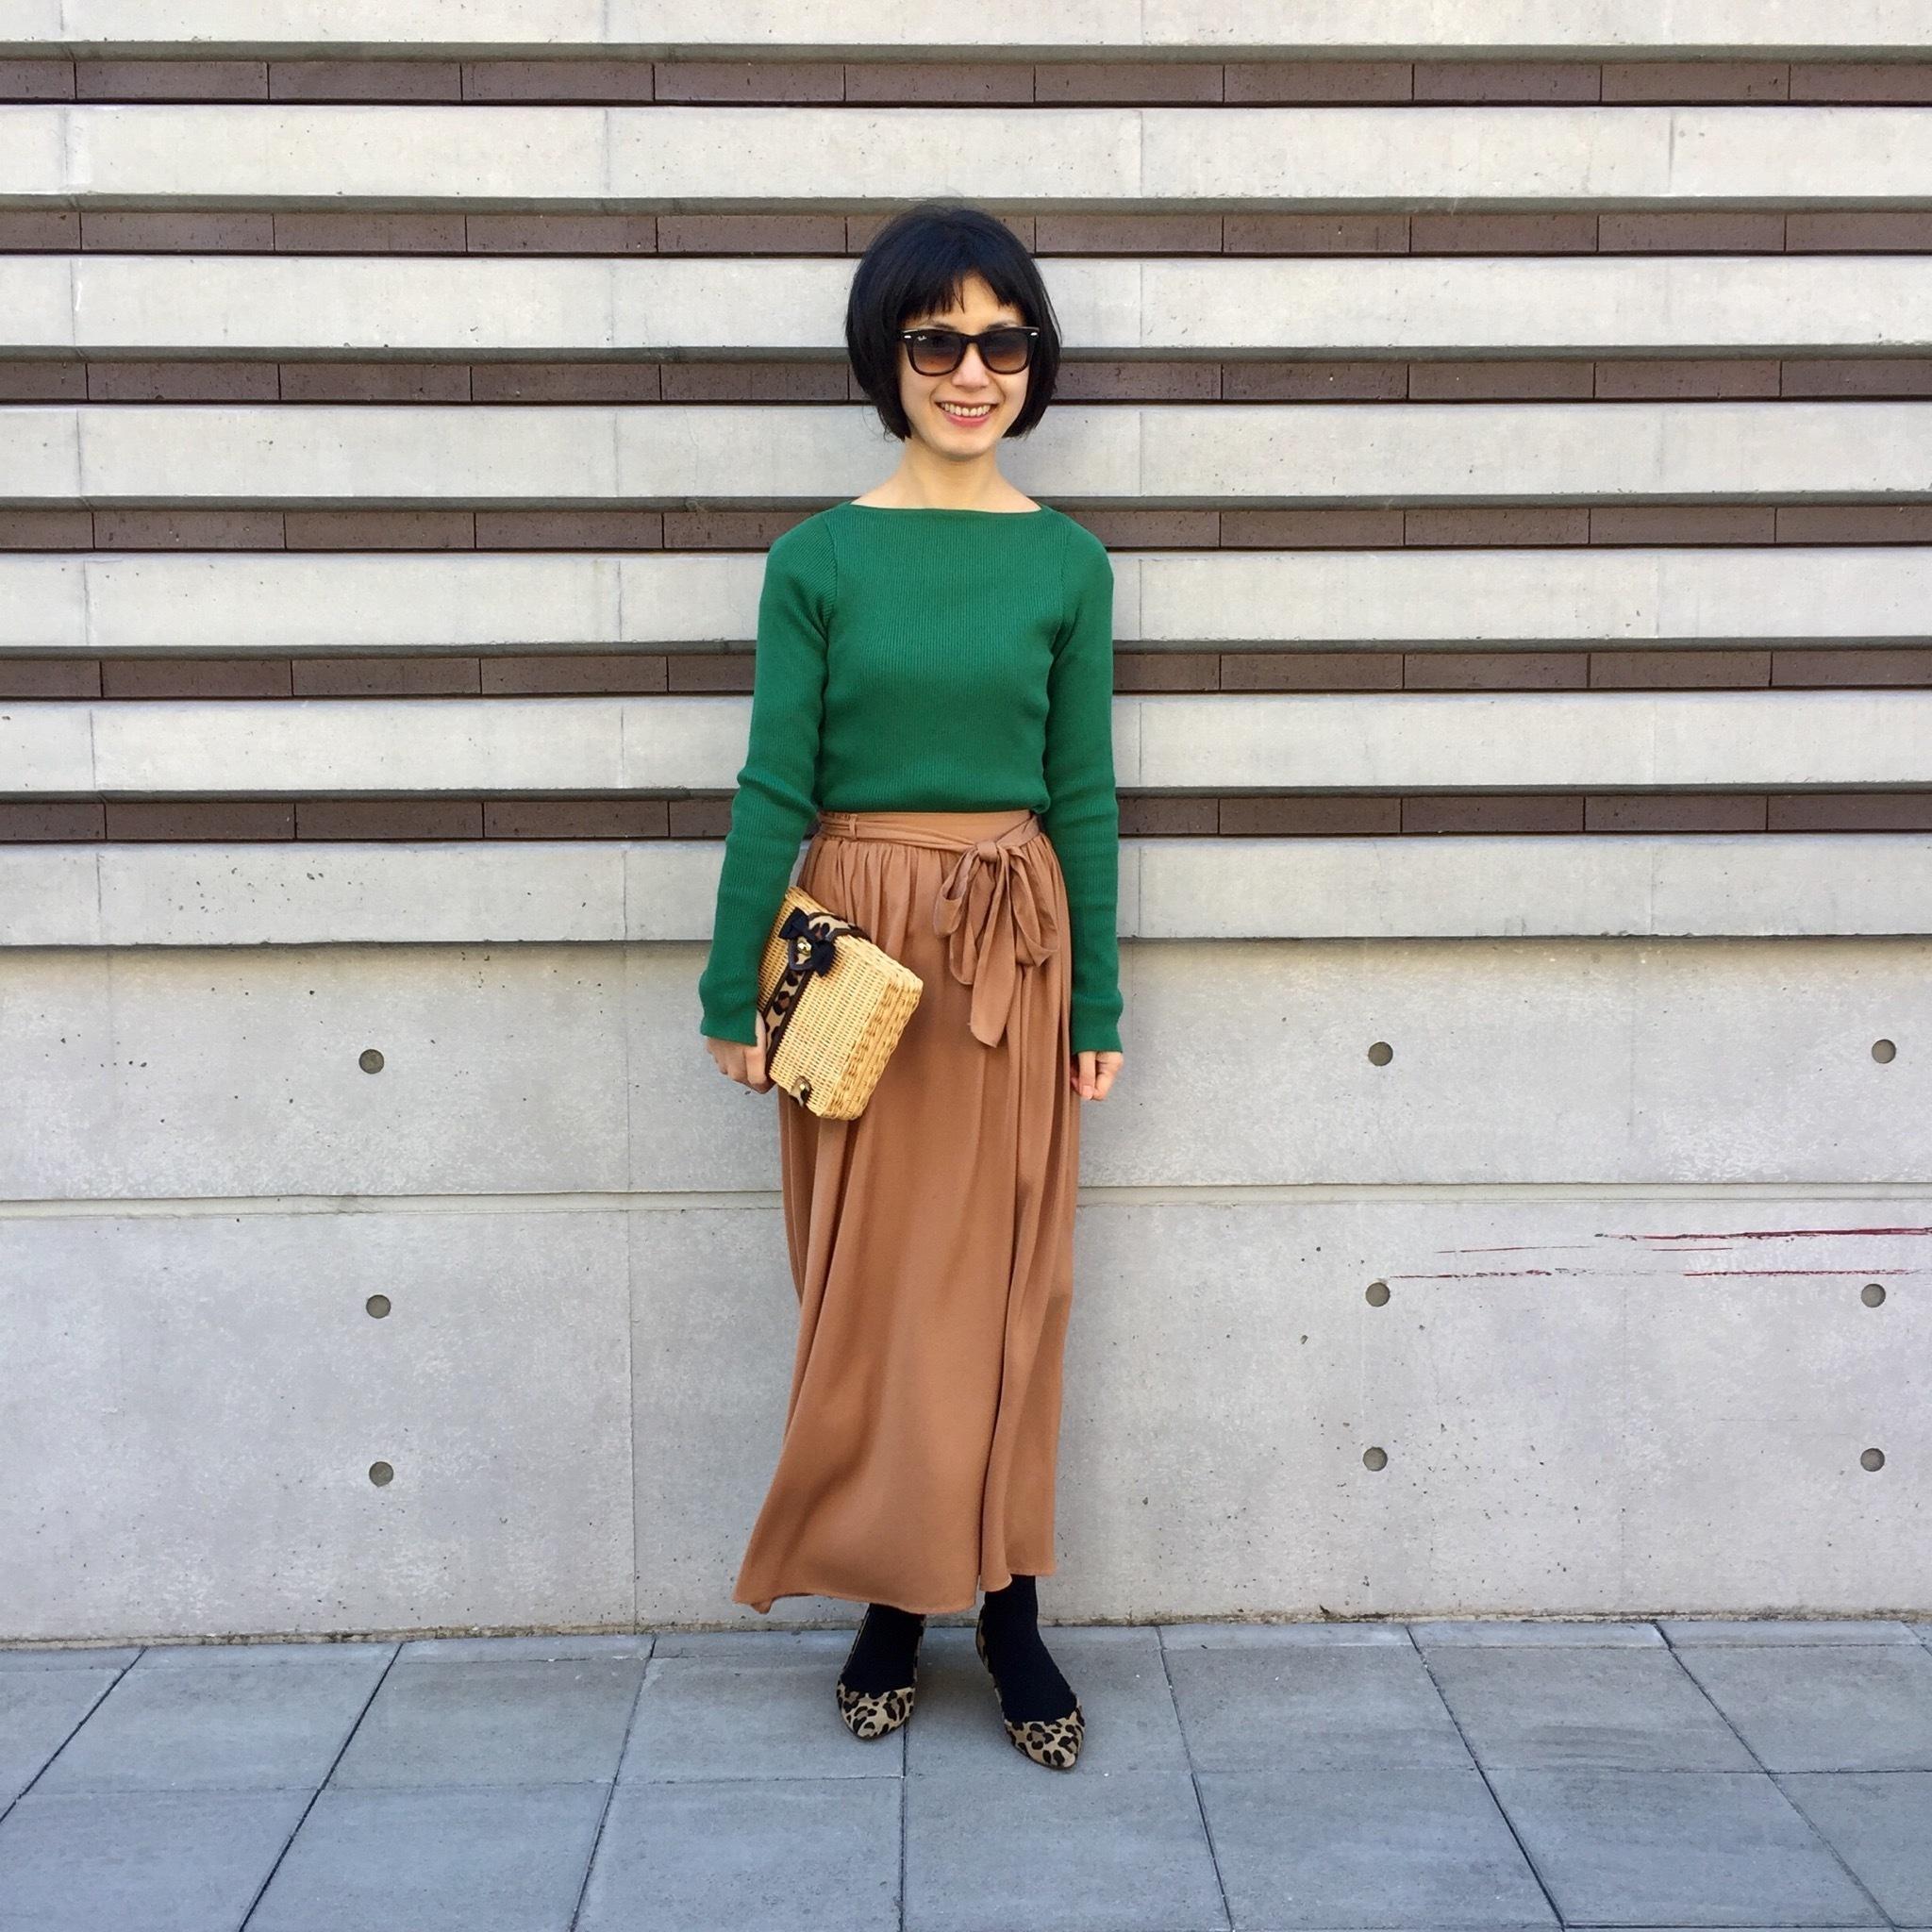 この春の注目色「グリーン」を美女組さんはどう着る?【マリソル美女組ブログPICK UP】_1_1-4